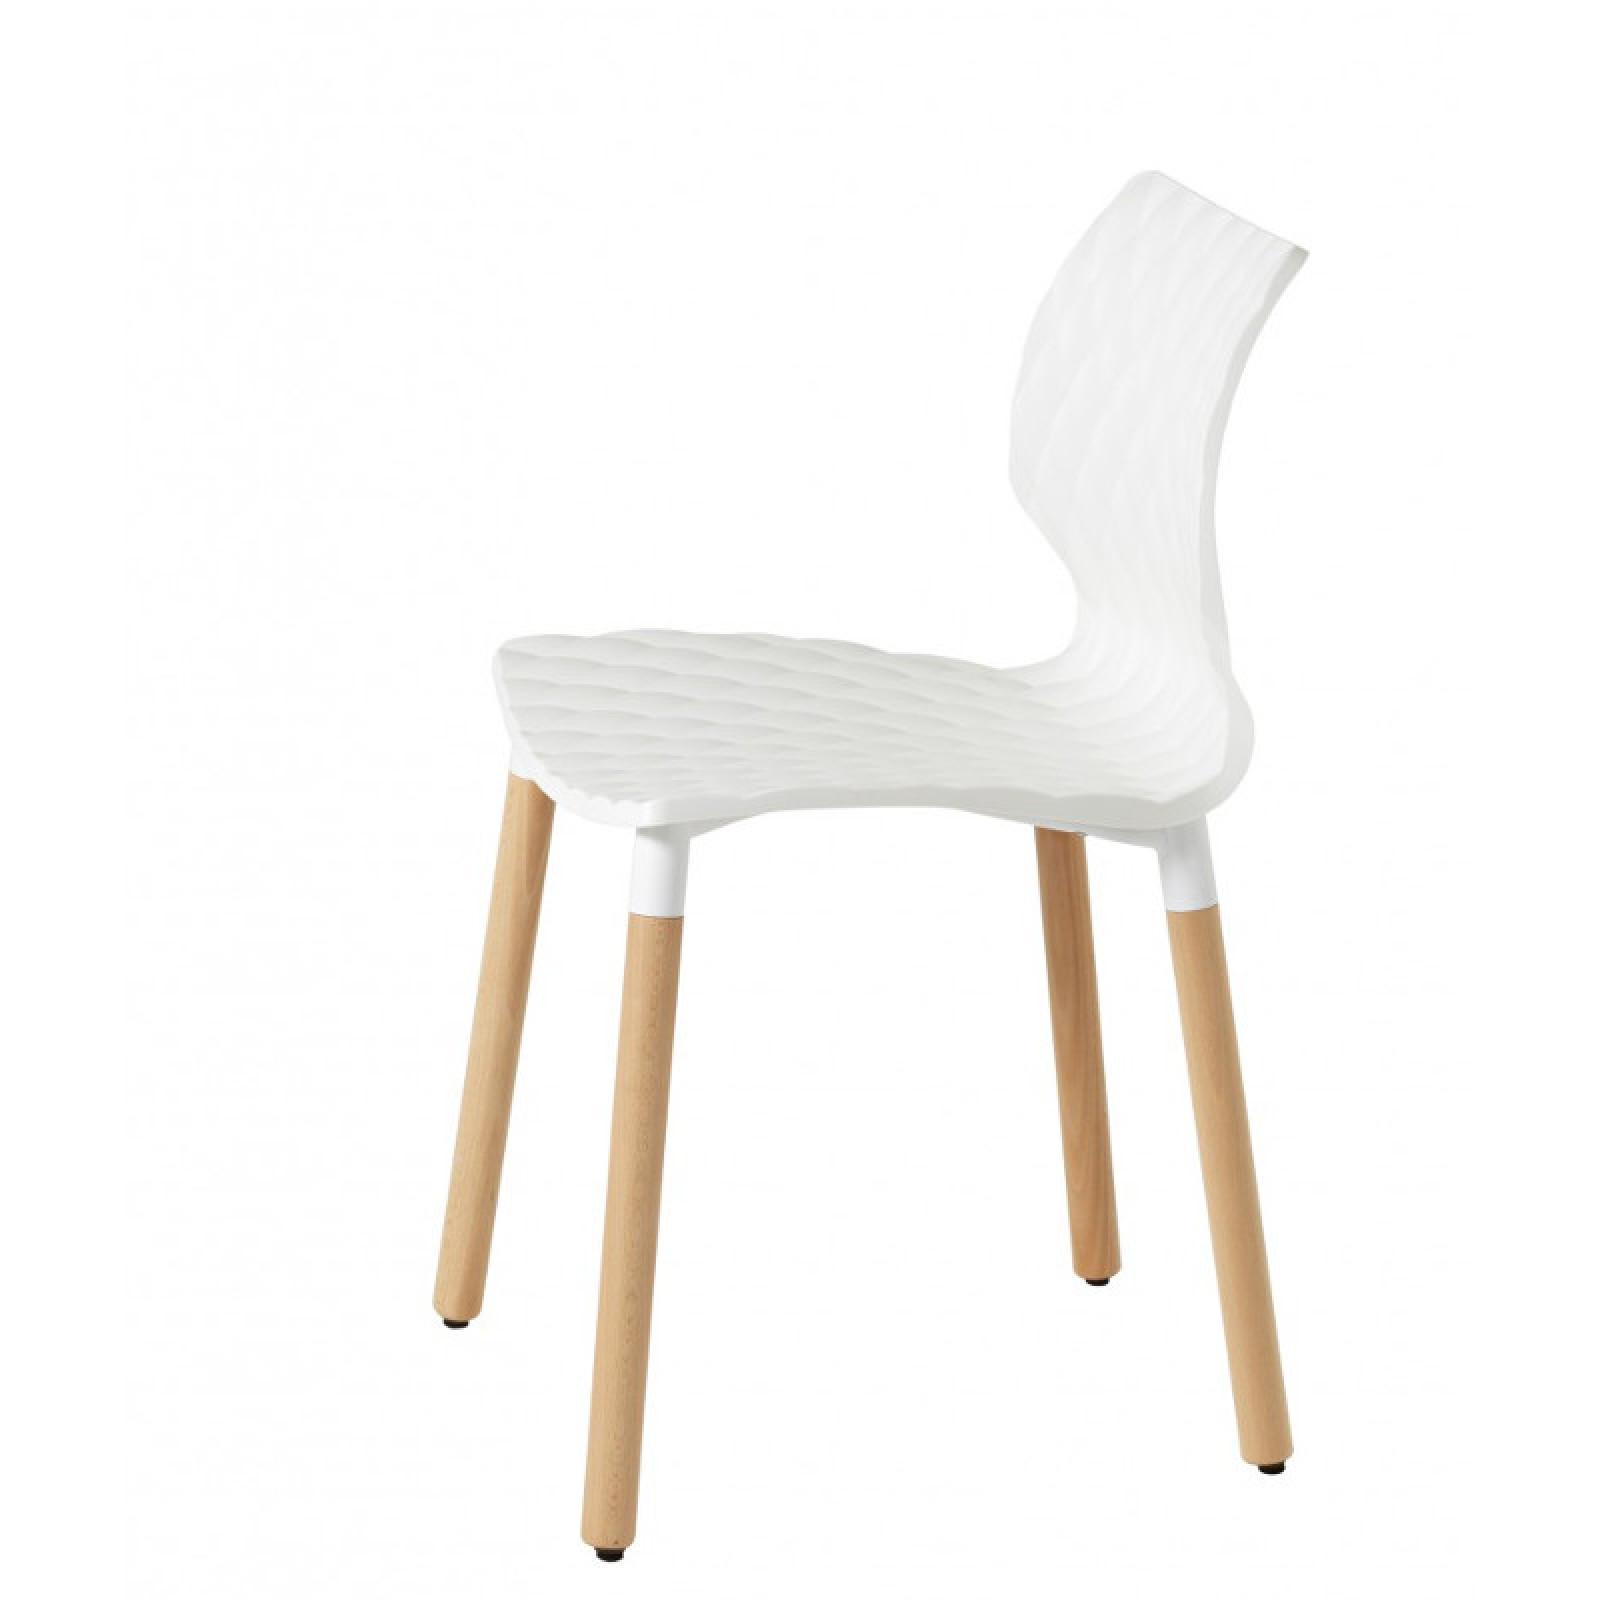 602 Uni fa lábú polipropilén vázas szék